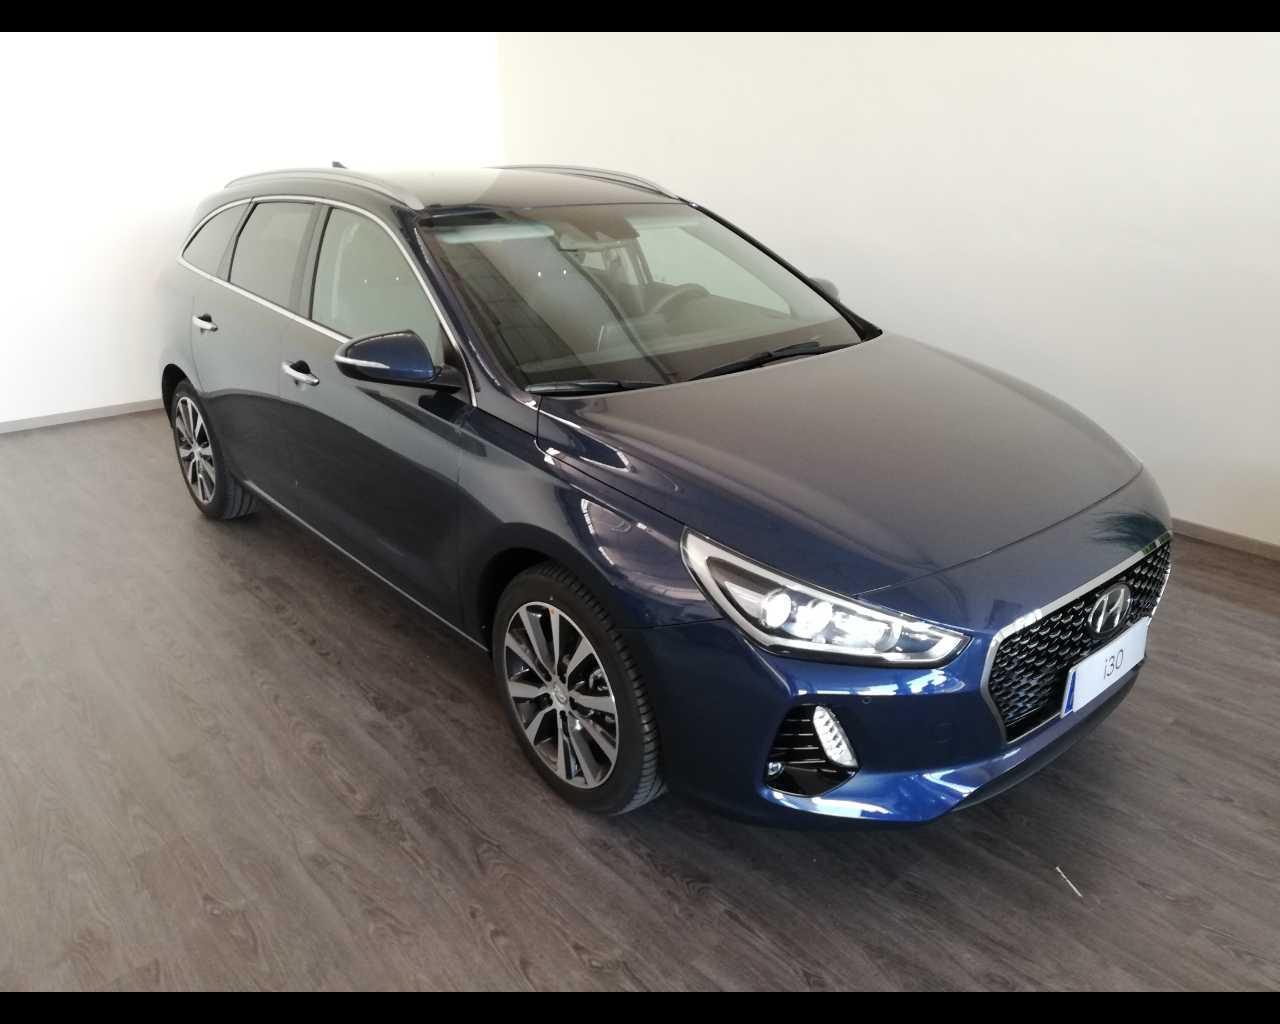 HYUNDAI I30W 1.6 CRDI 136HP STYLE+SP, Diesel, €18.800 - I30w 1.6 Crdi 136hp Style+sp